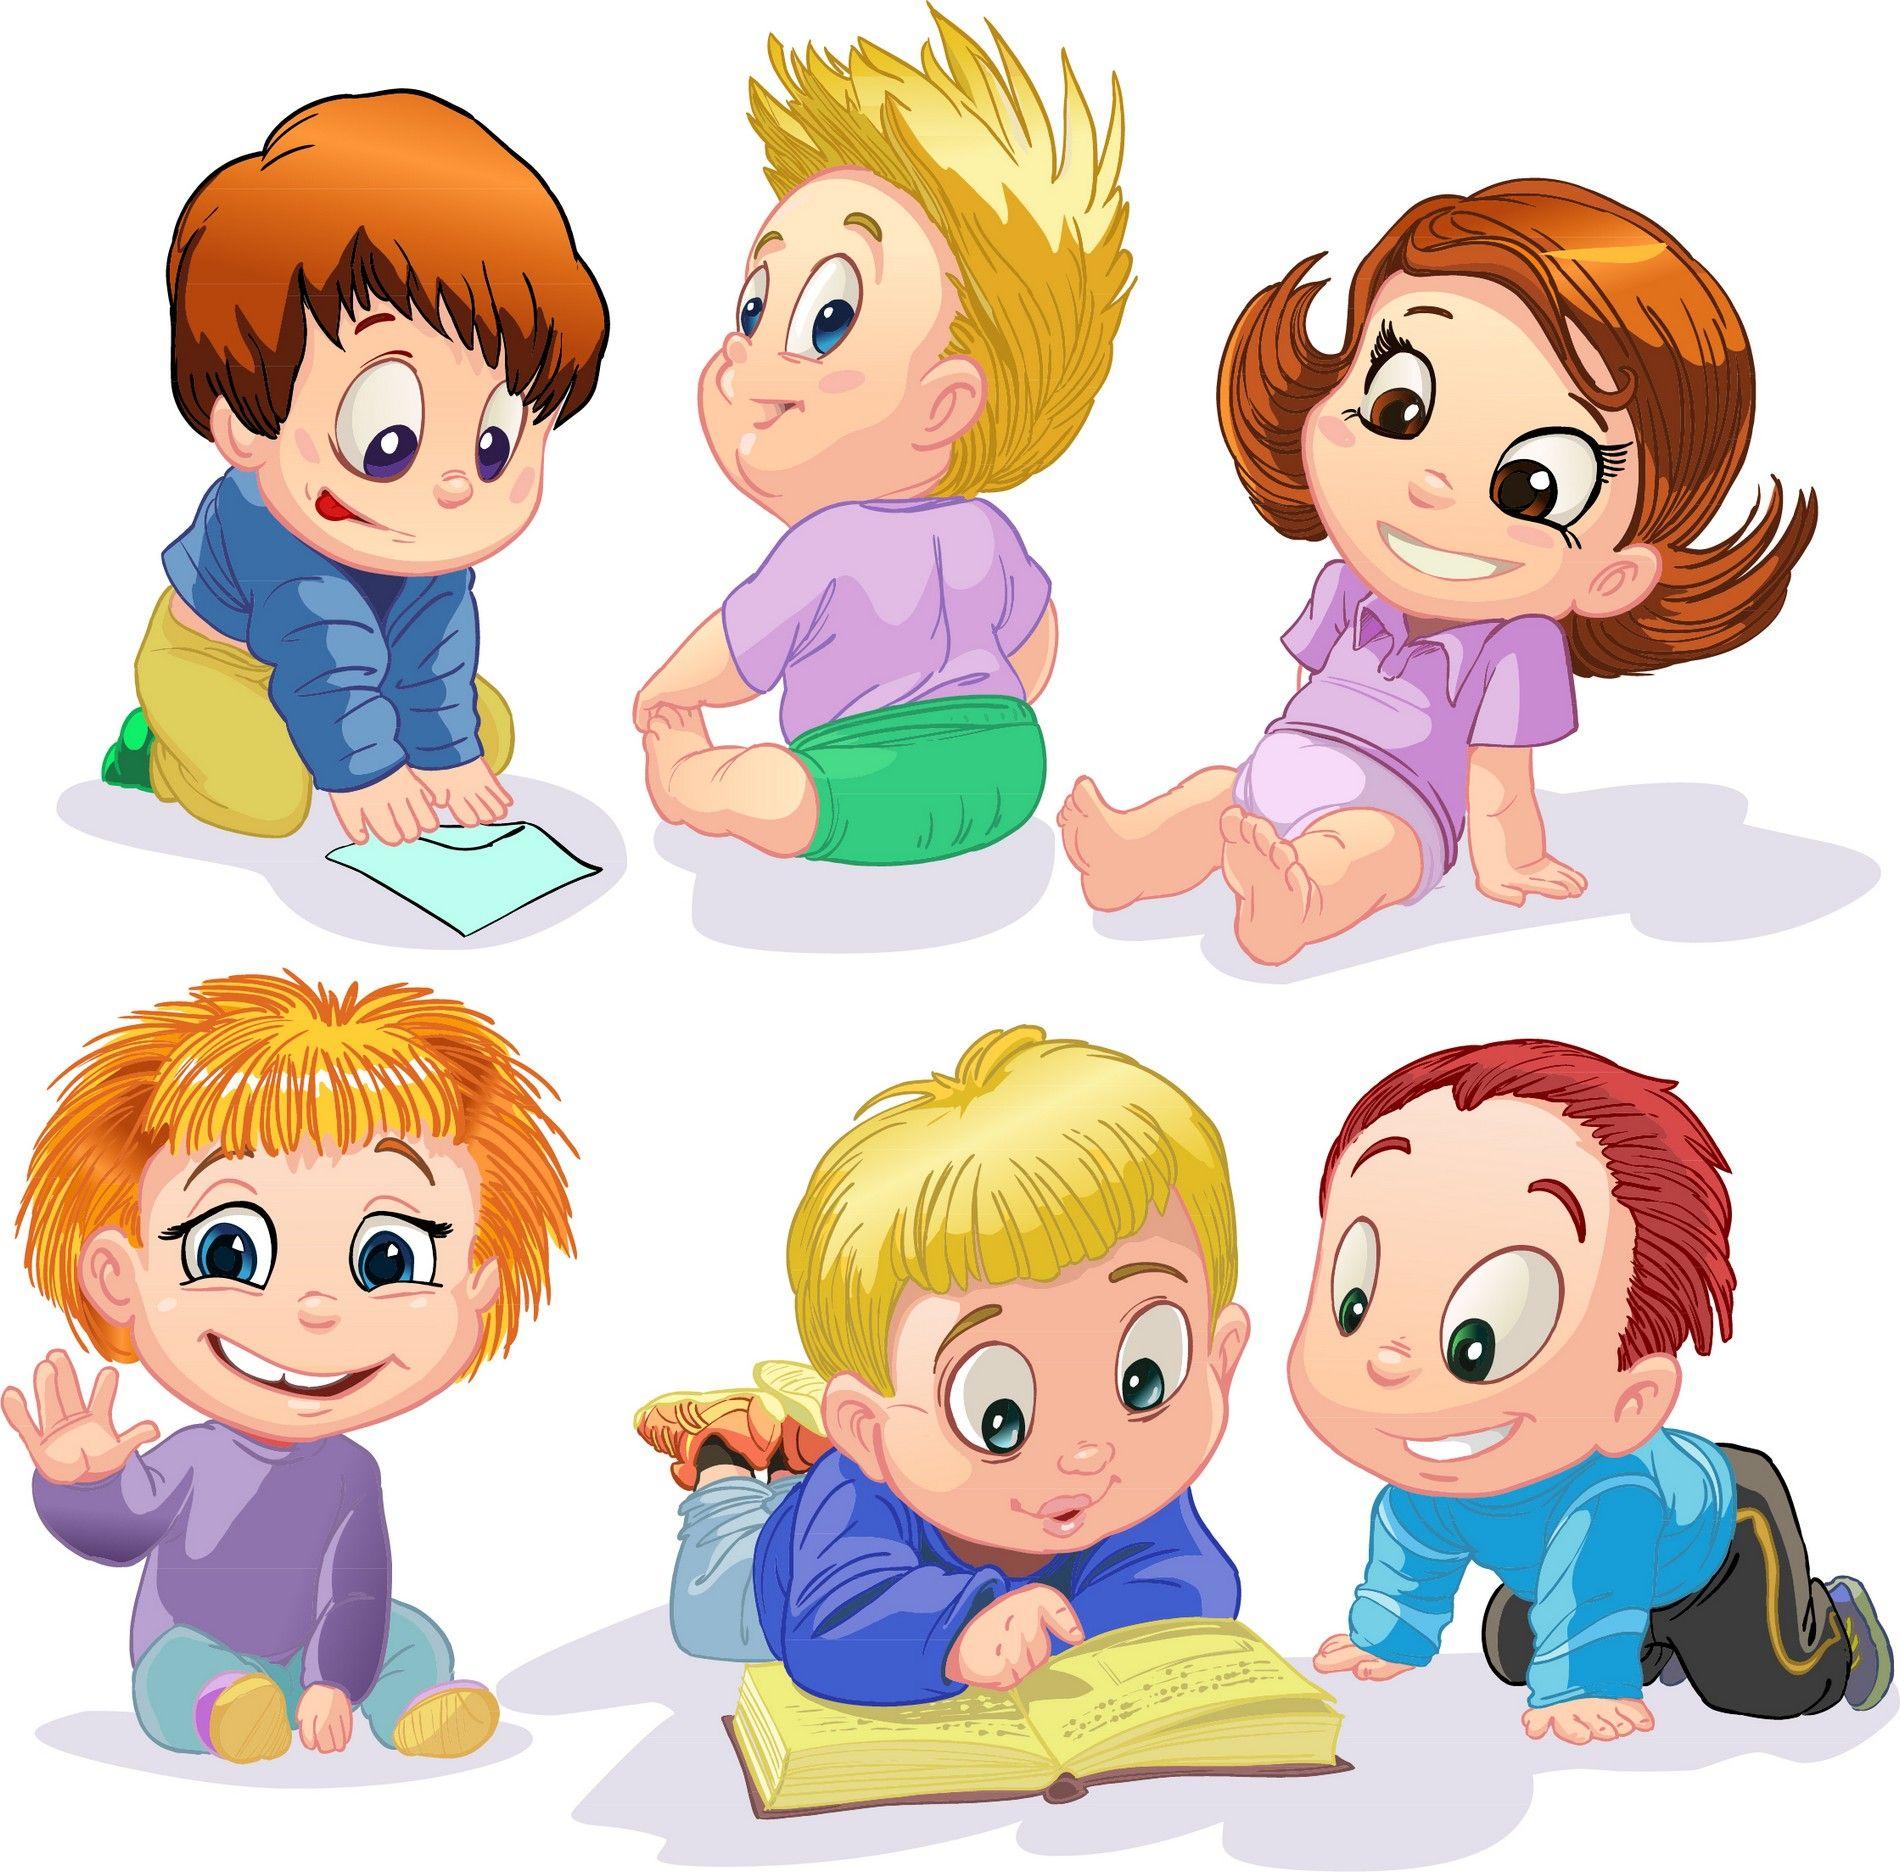 Нарисованные дети на картинках